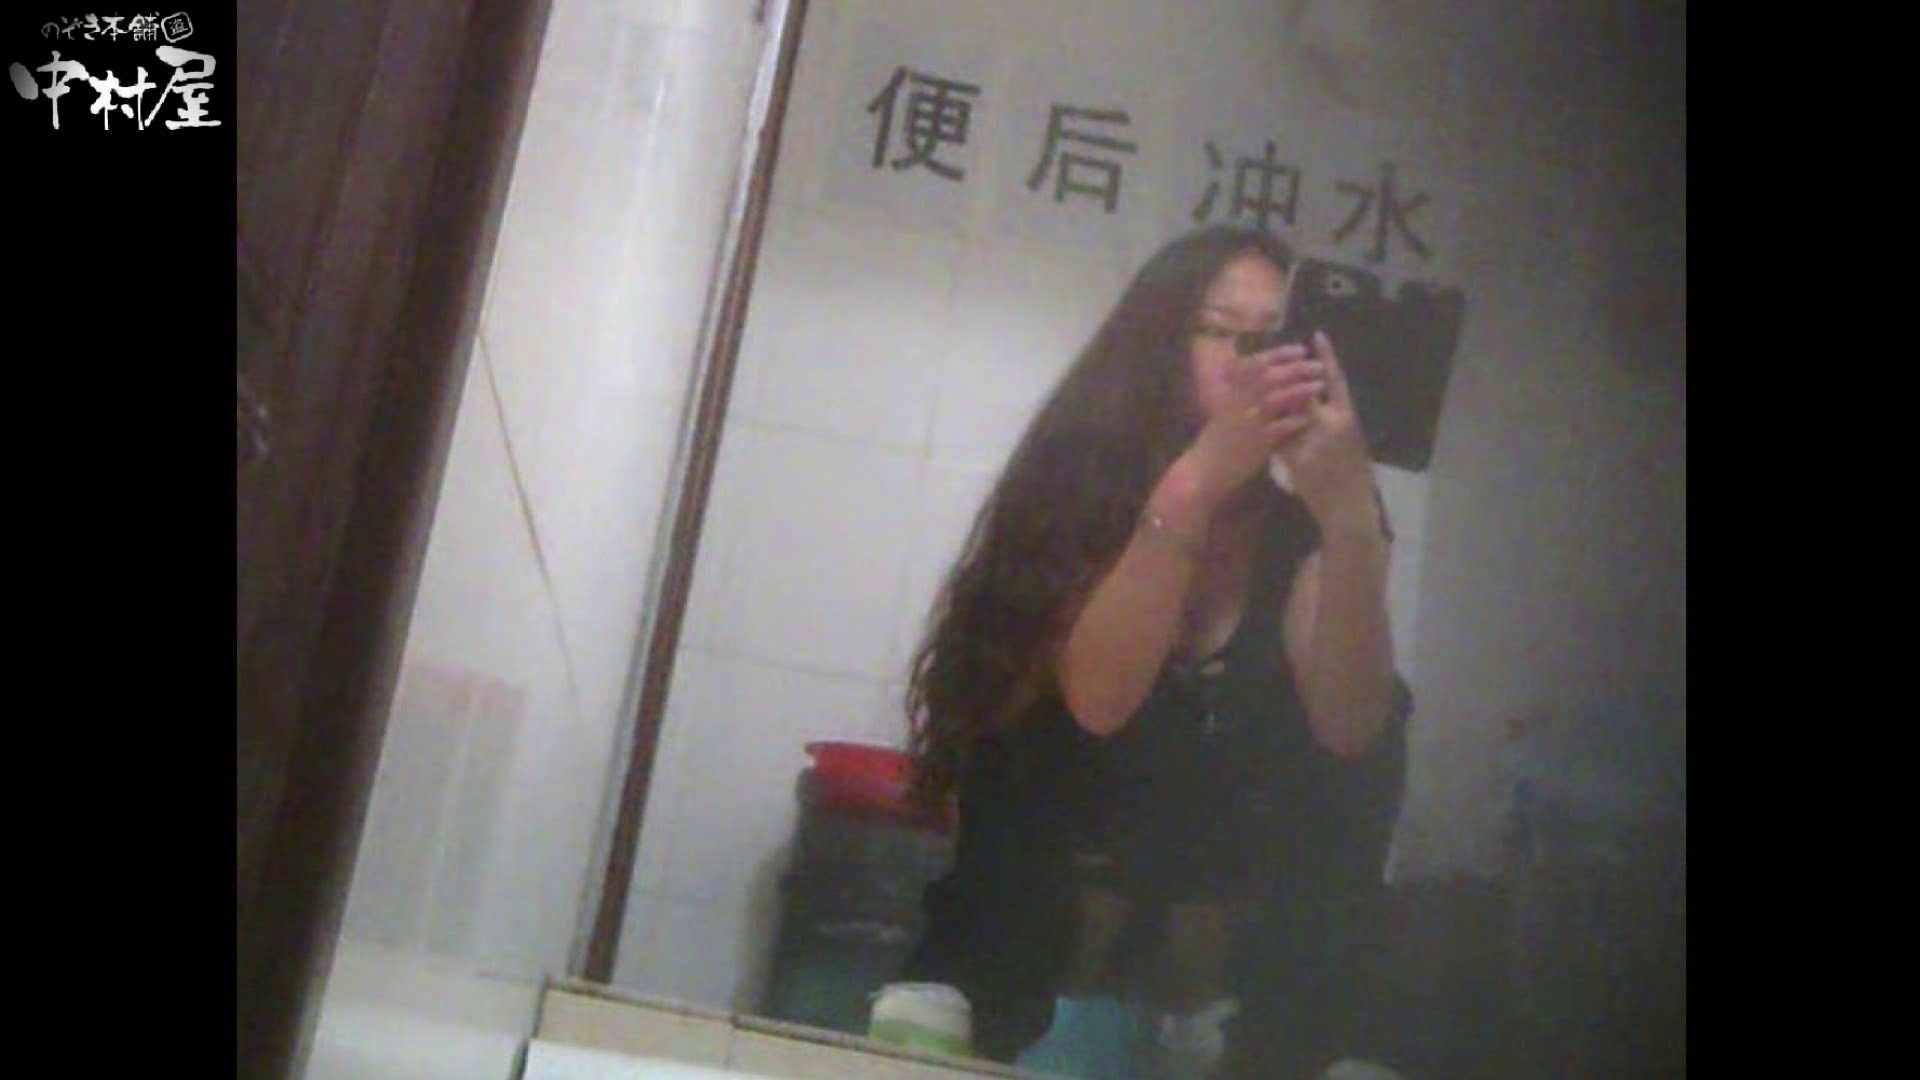 李さんの盗撮日記 Vol.03 OLエロ画像  29PICs 25